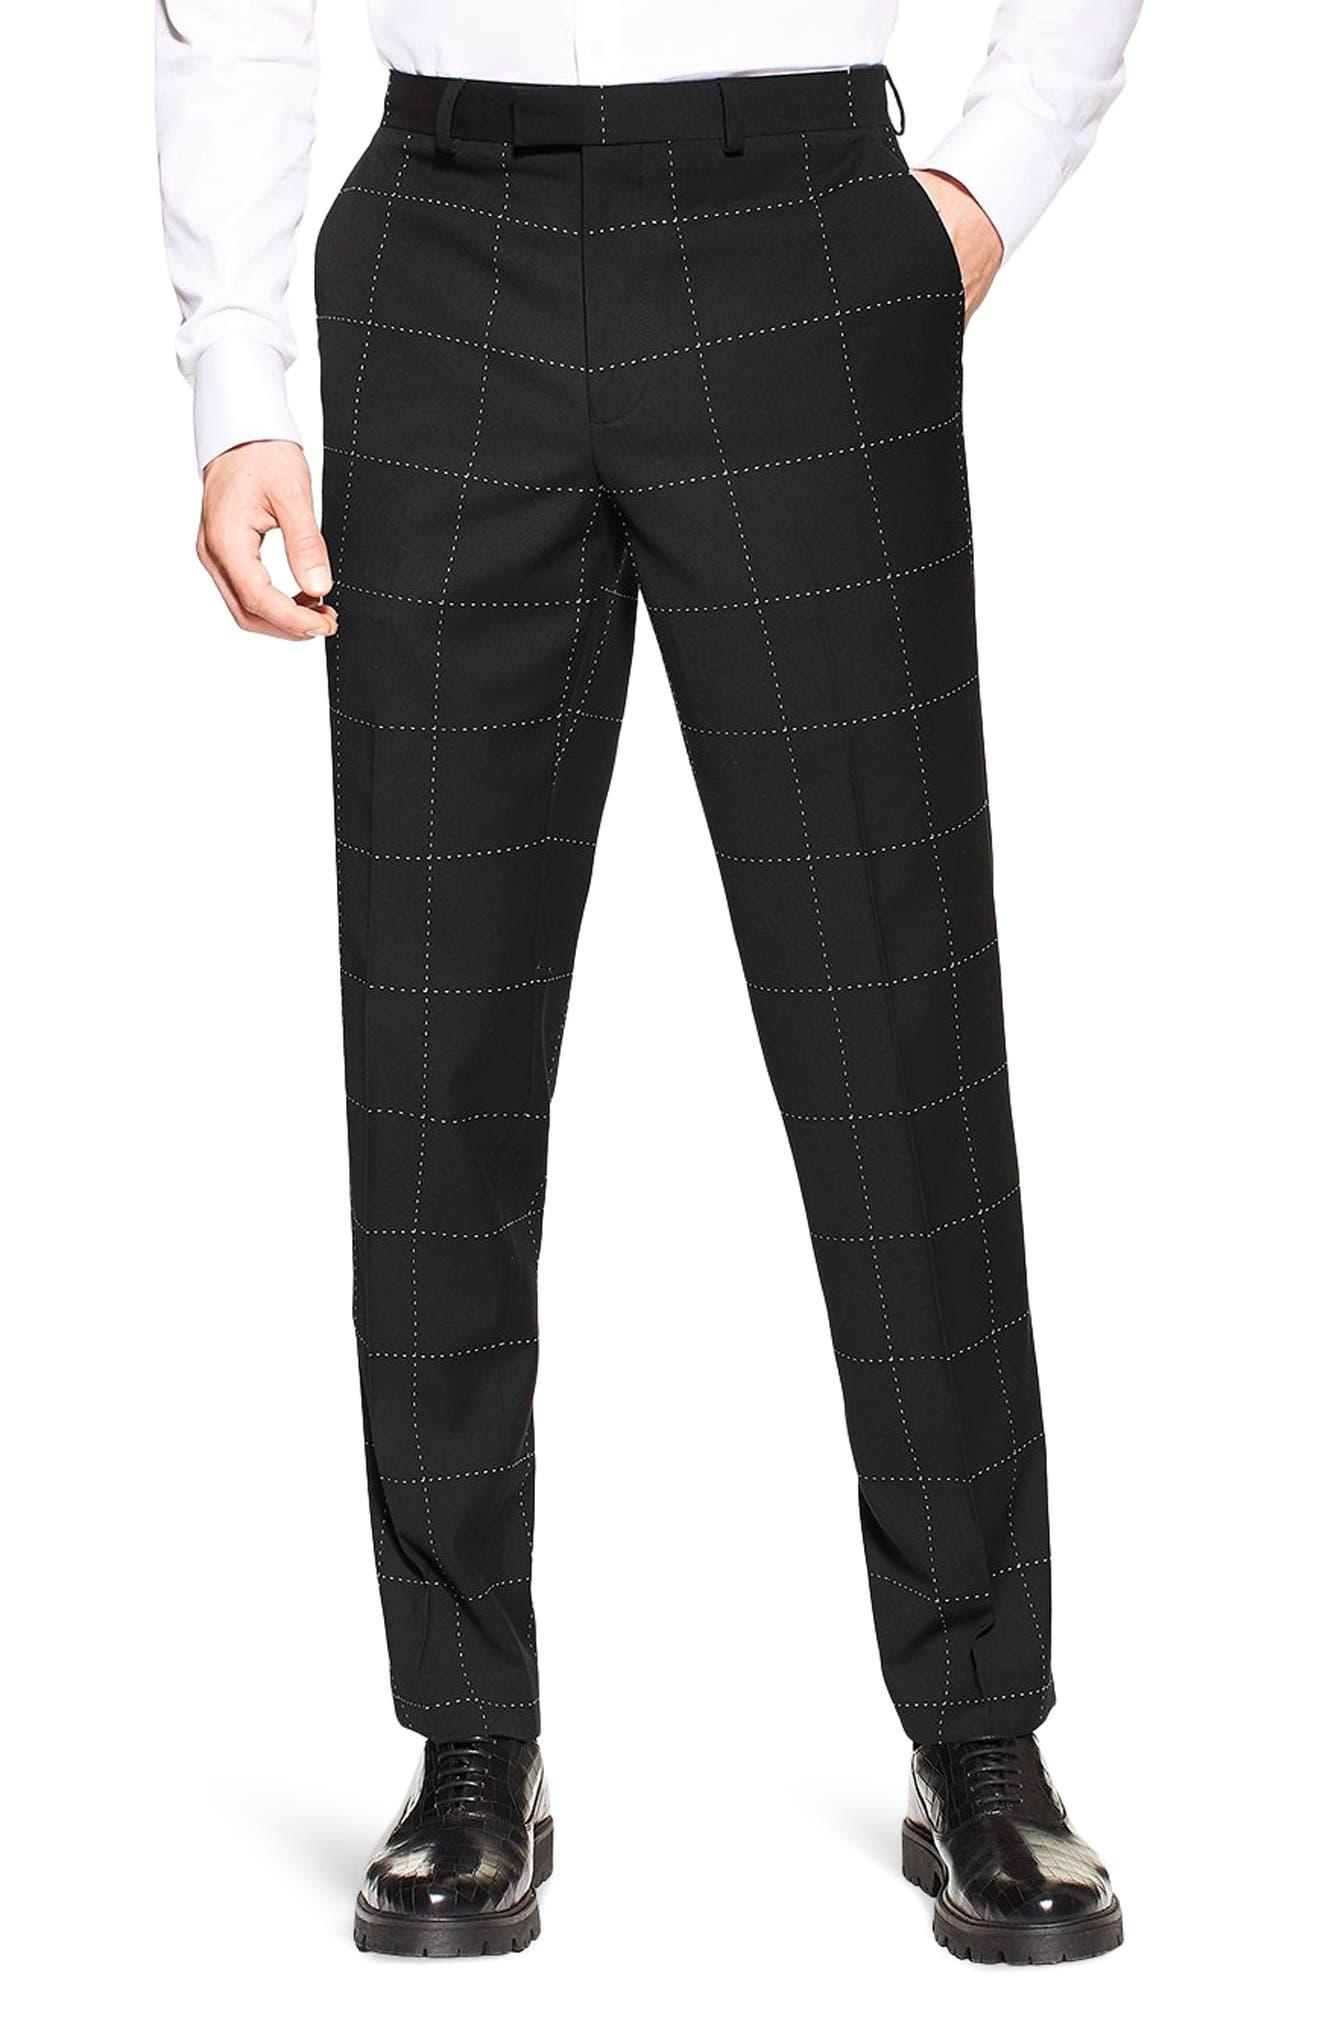 TOPMAN, Slim Fit Topstitched Suit Trousers, Main thumbnail 1, color, BLACK MULTI